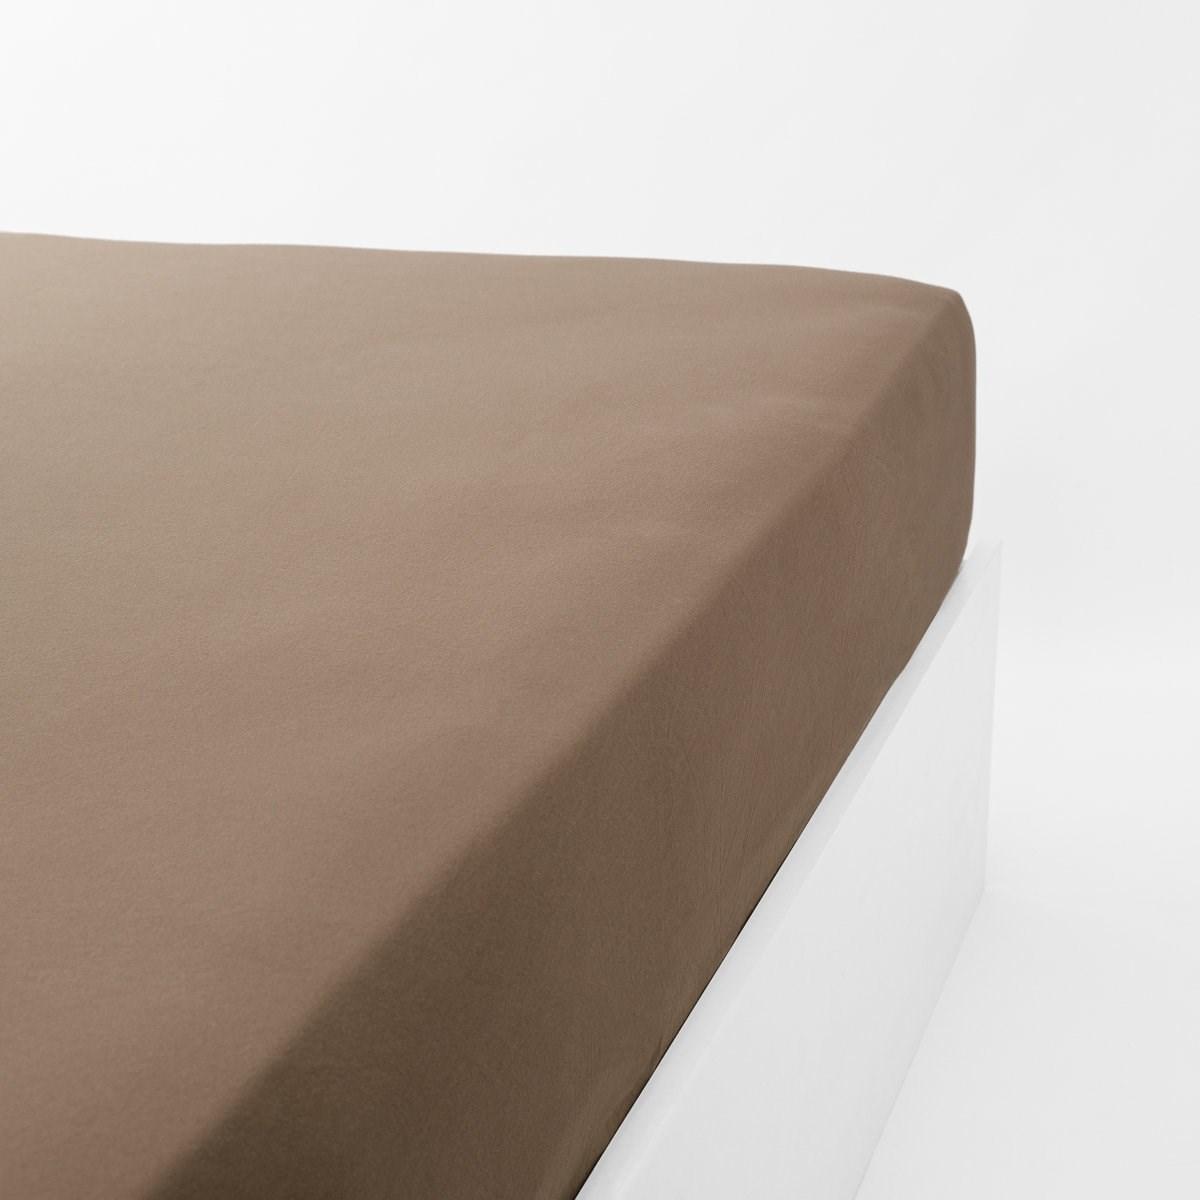 Drap housse jersey extensible en coton marron 200x200 cm